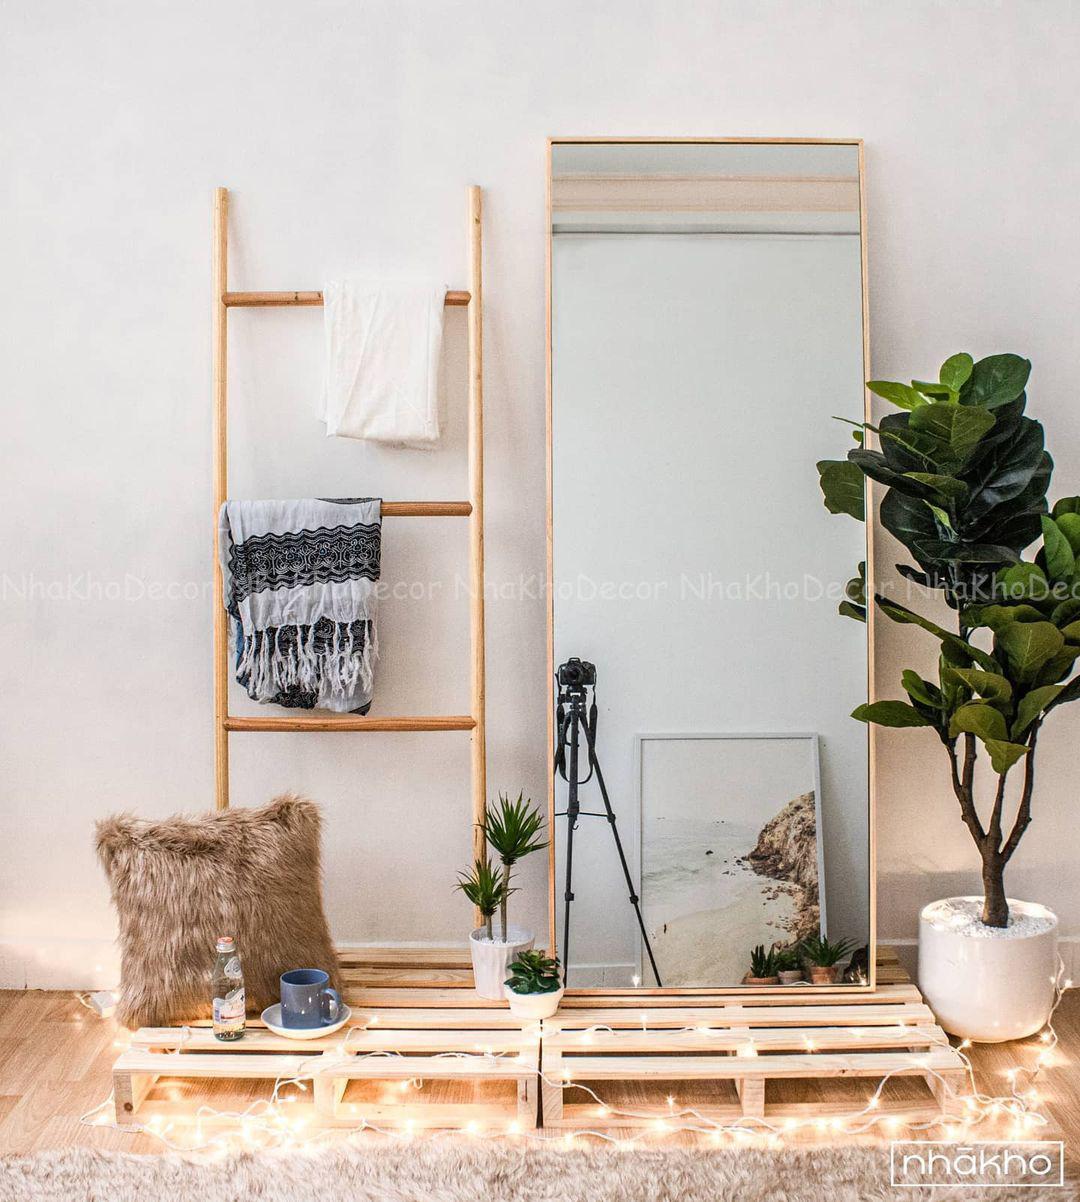 Thang gỗ treo quần áo tiện lợi kiêm luôn đồ decor giá chỉ từ 250k - Ảnh 3.